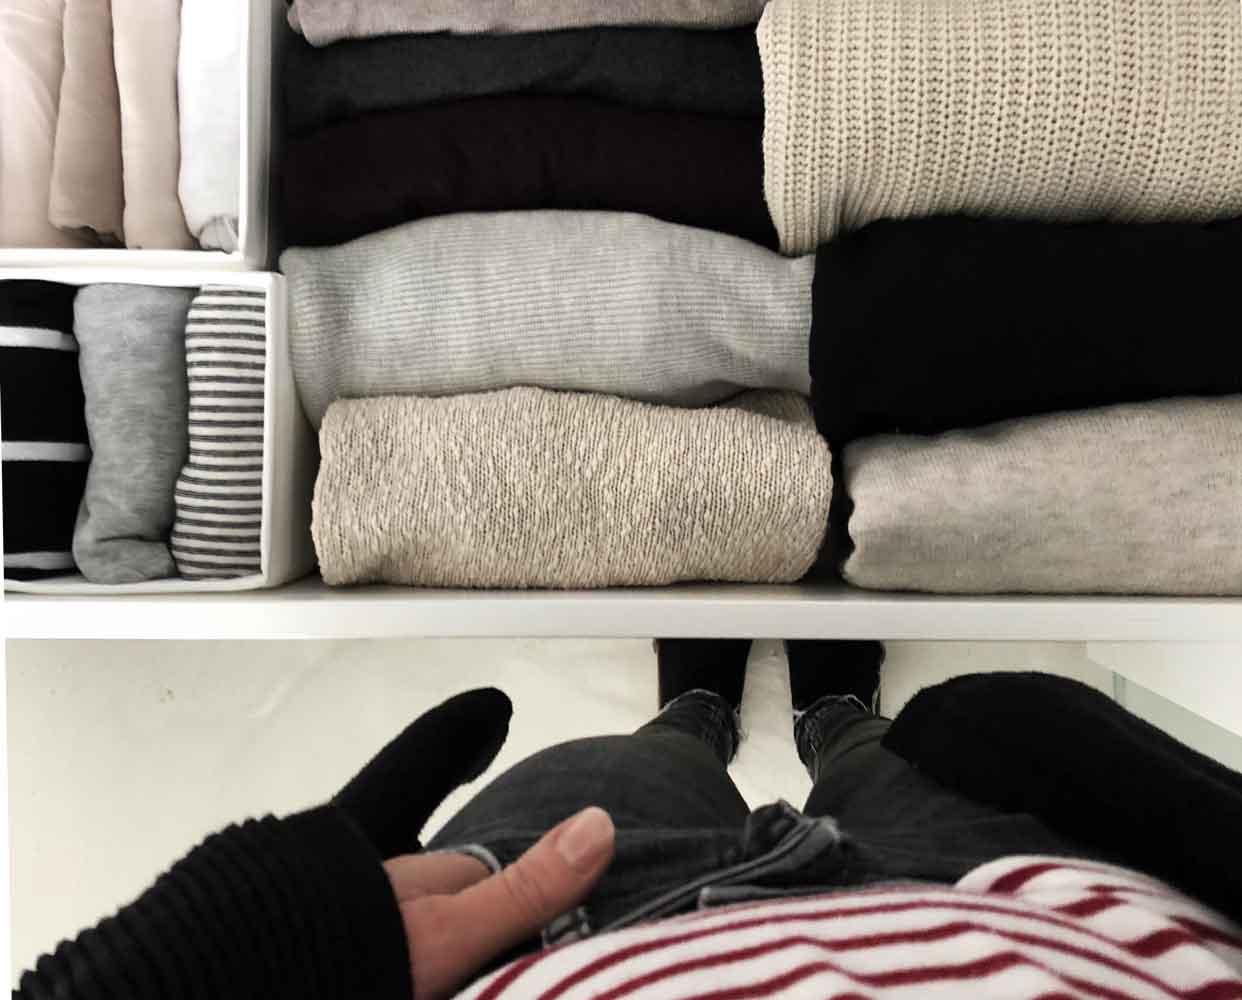 Kleiderschrank sortiert Kleidung - Nach dem Ausmisten - wohin mit den alten Sachen?